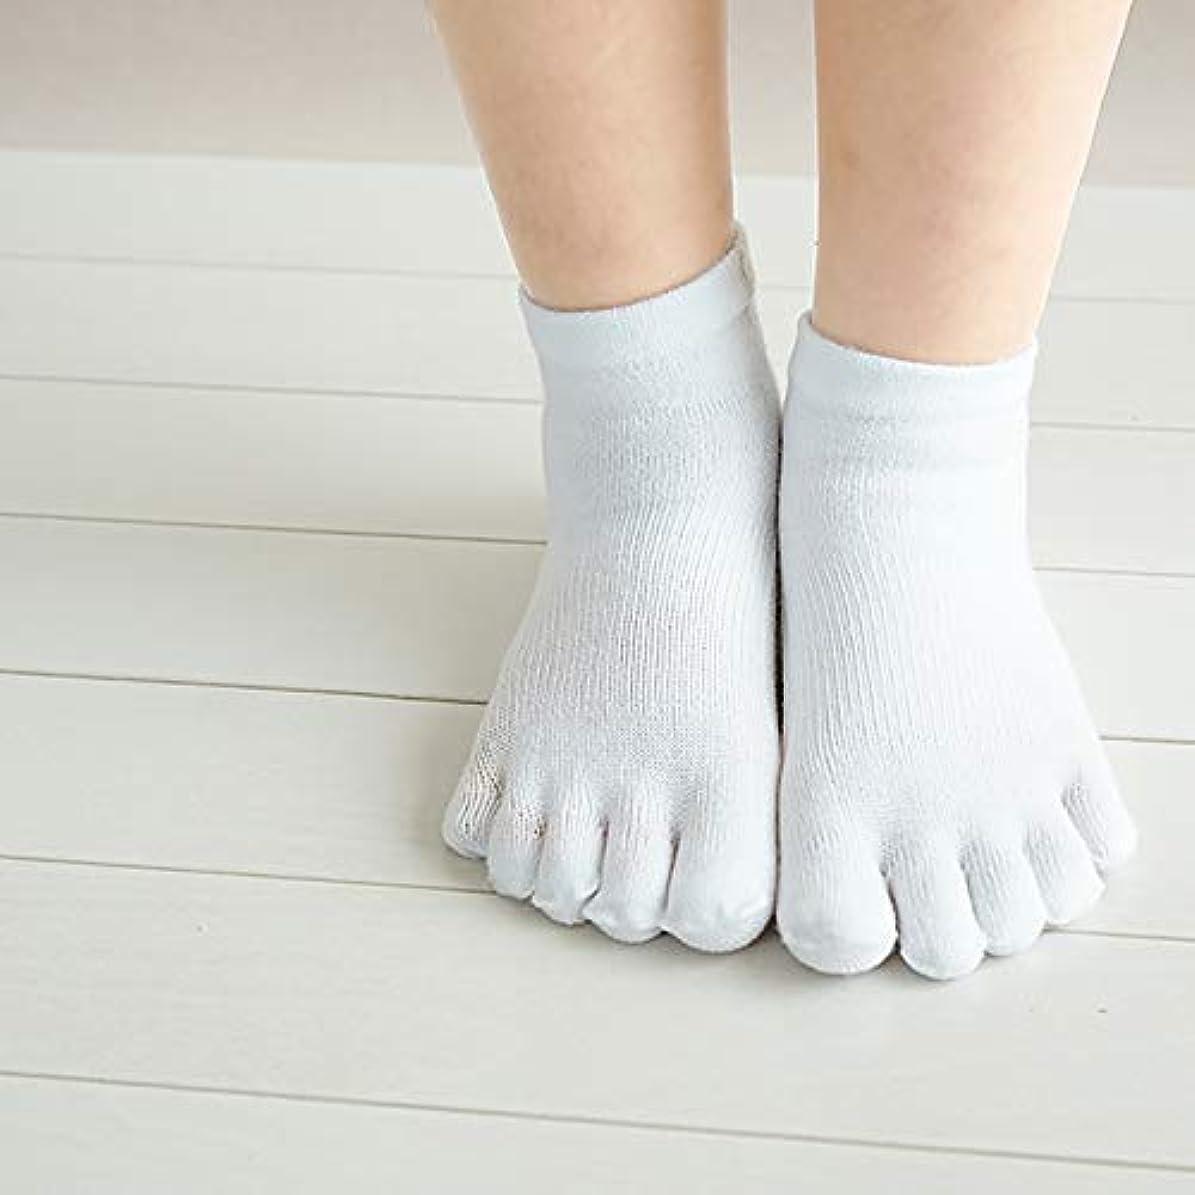 元気な素敵な媒染剤ゆびのばソックス Neo アズキッズ ホワイト 幼児用靴下 5本指ソックス